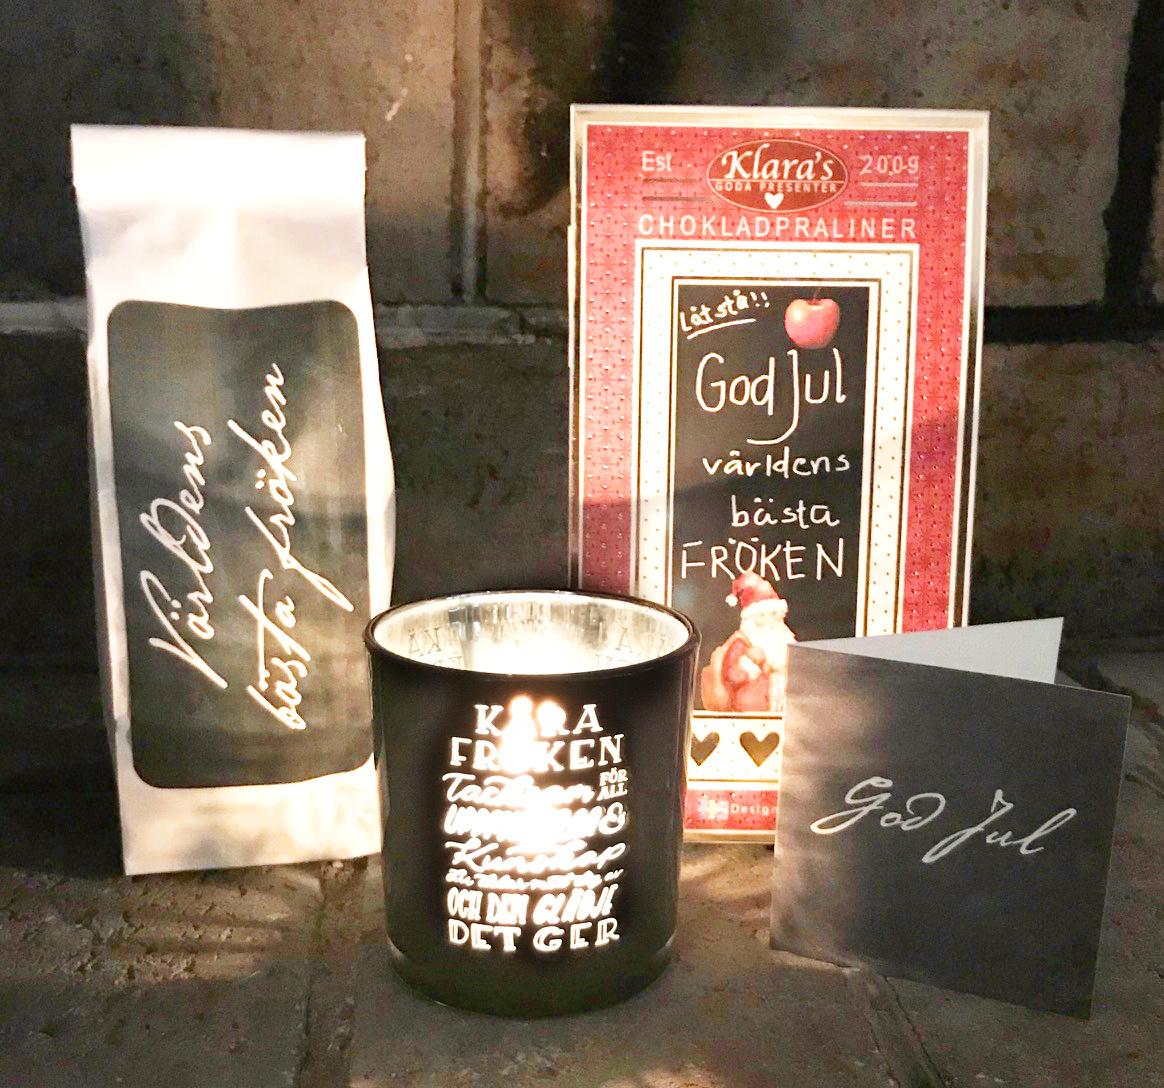 Lilla God Jul-paketet till Fröken • Pryloteket